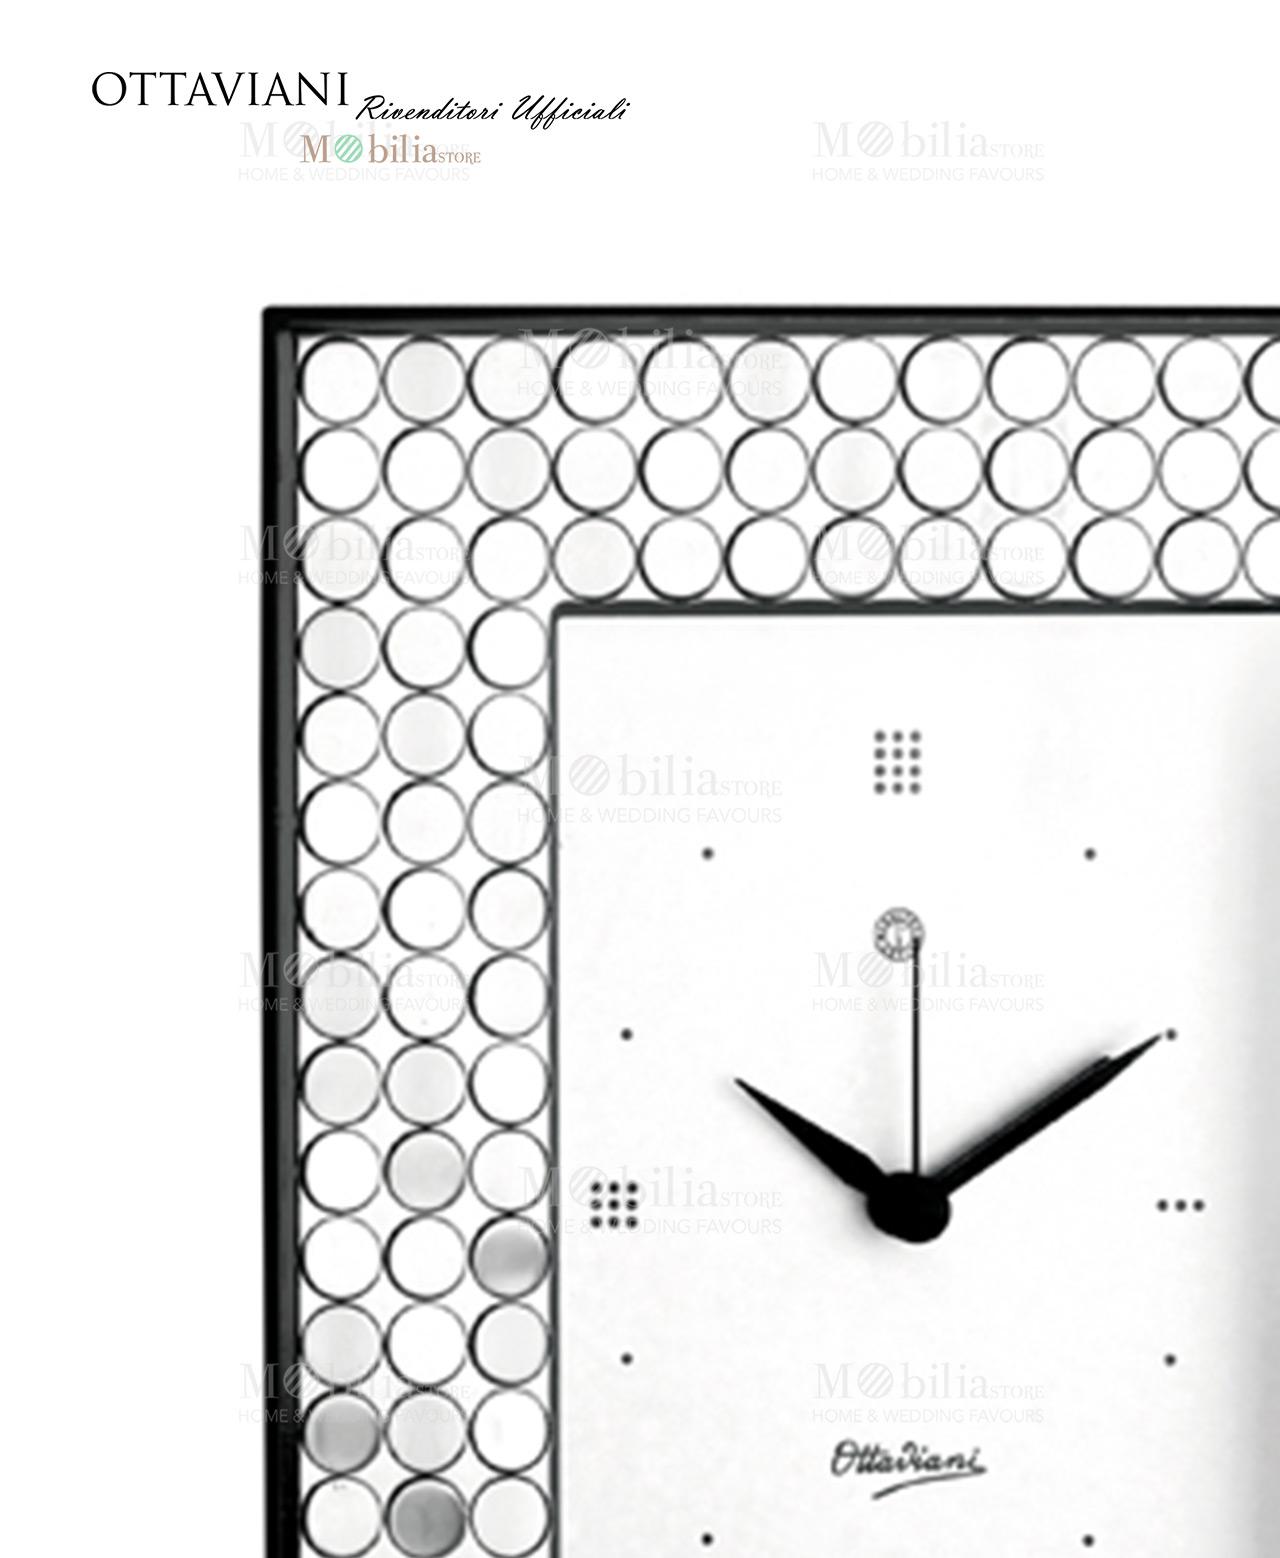 Orologio da tavolo ottaviani home - Ottaviani orologio da tavolo ...